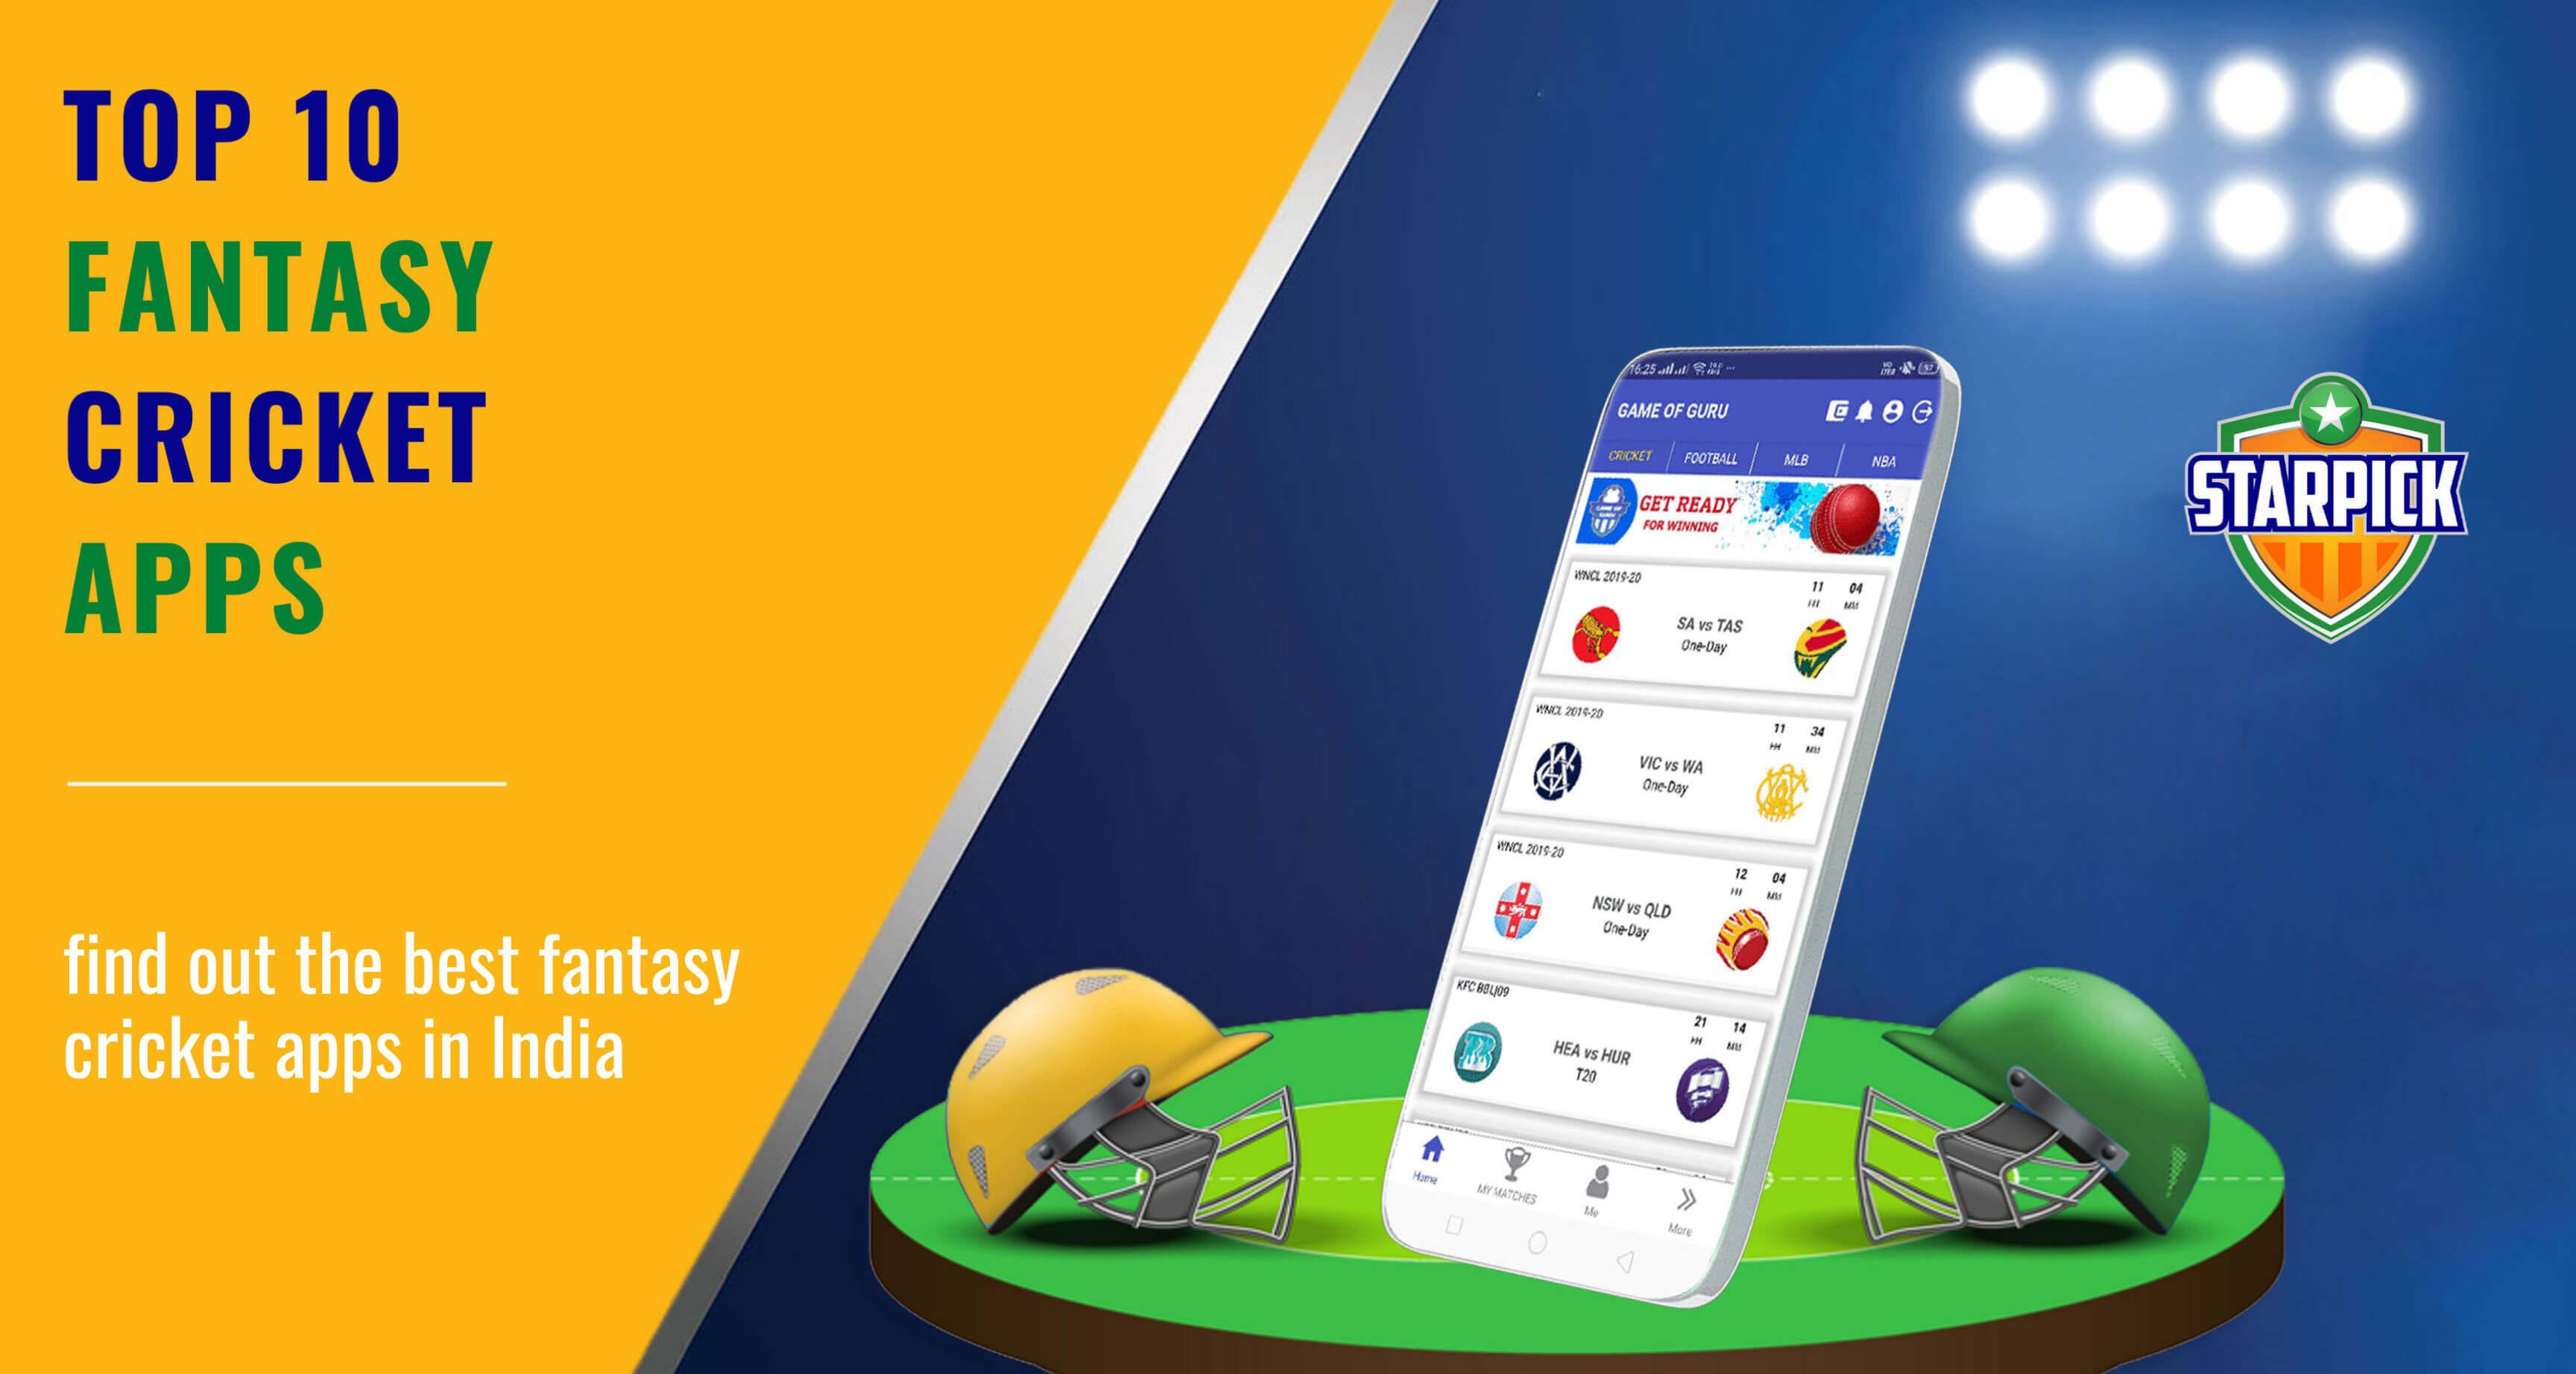 Top 10 Fantasy Cricket Apps